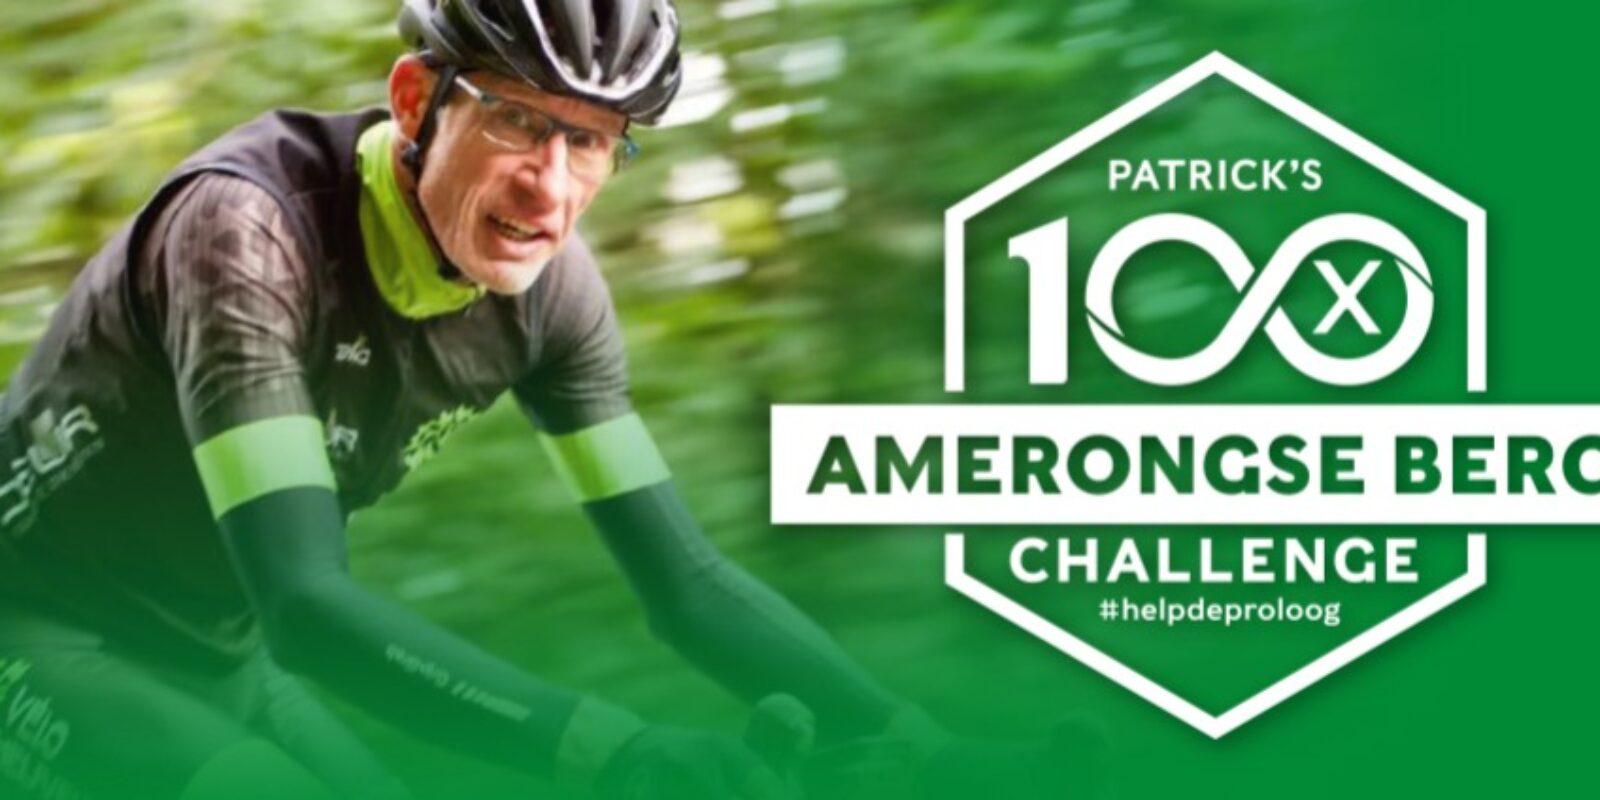 De fietschallenge van collega Patrick Aris: 100x de Amerongse Berg op!